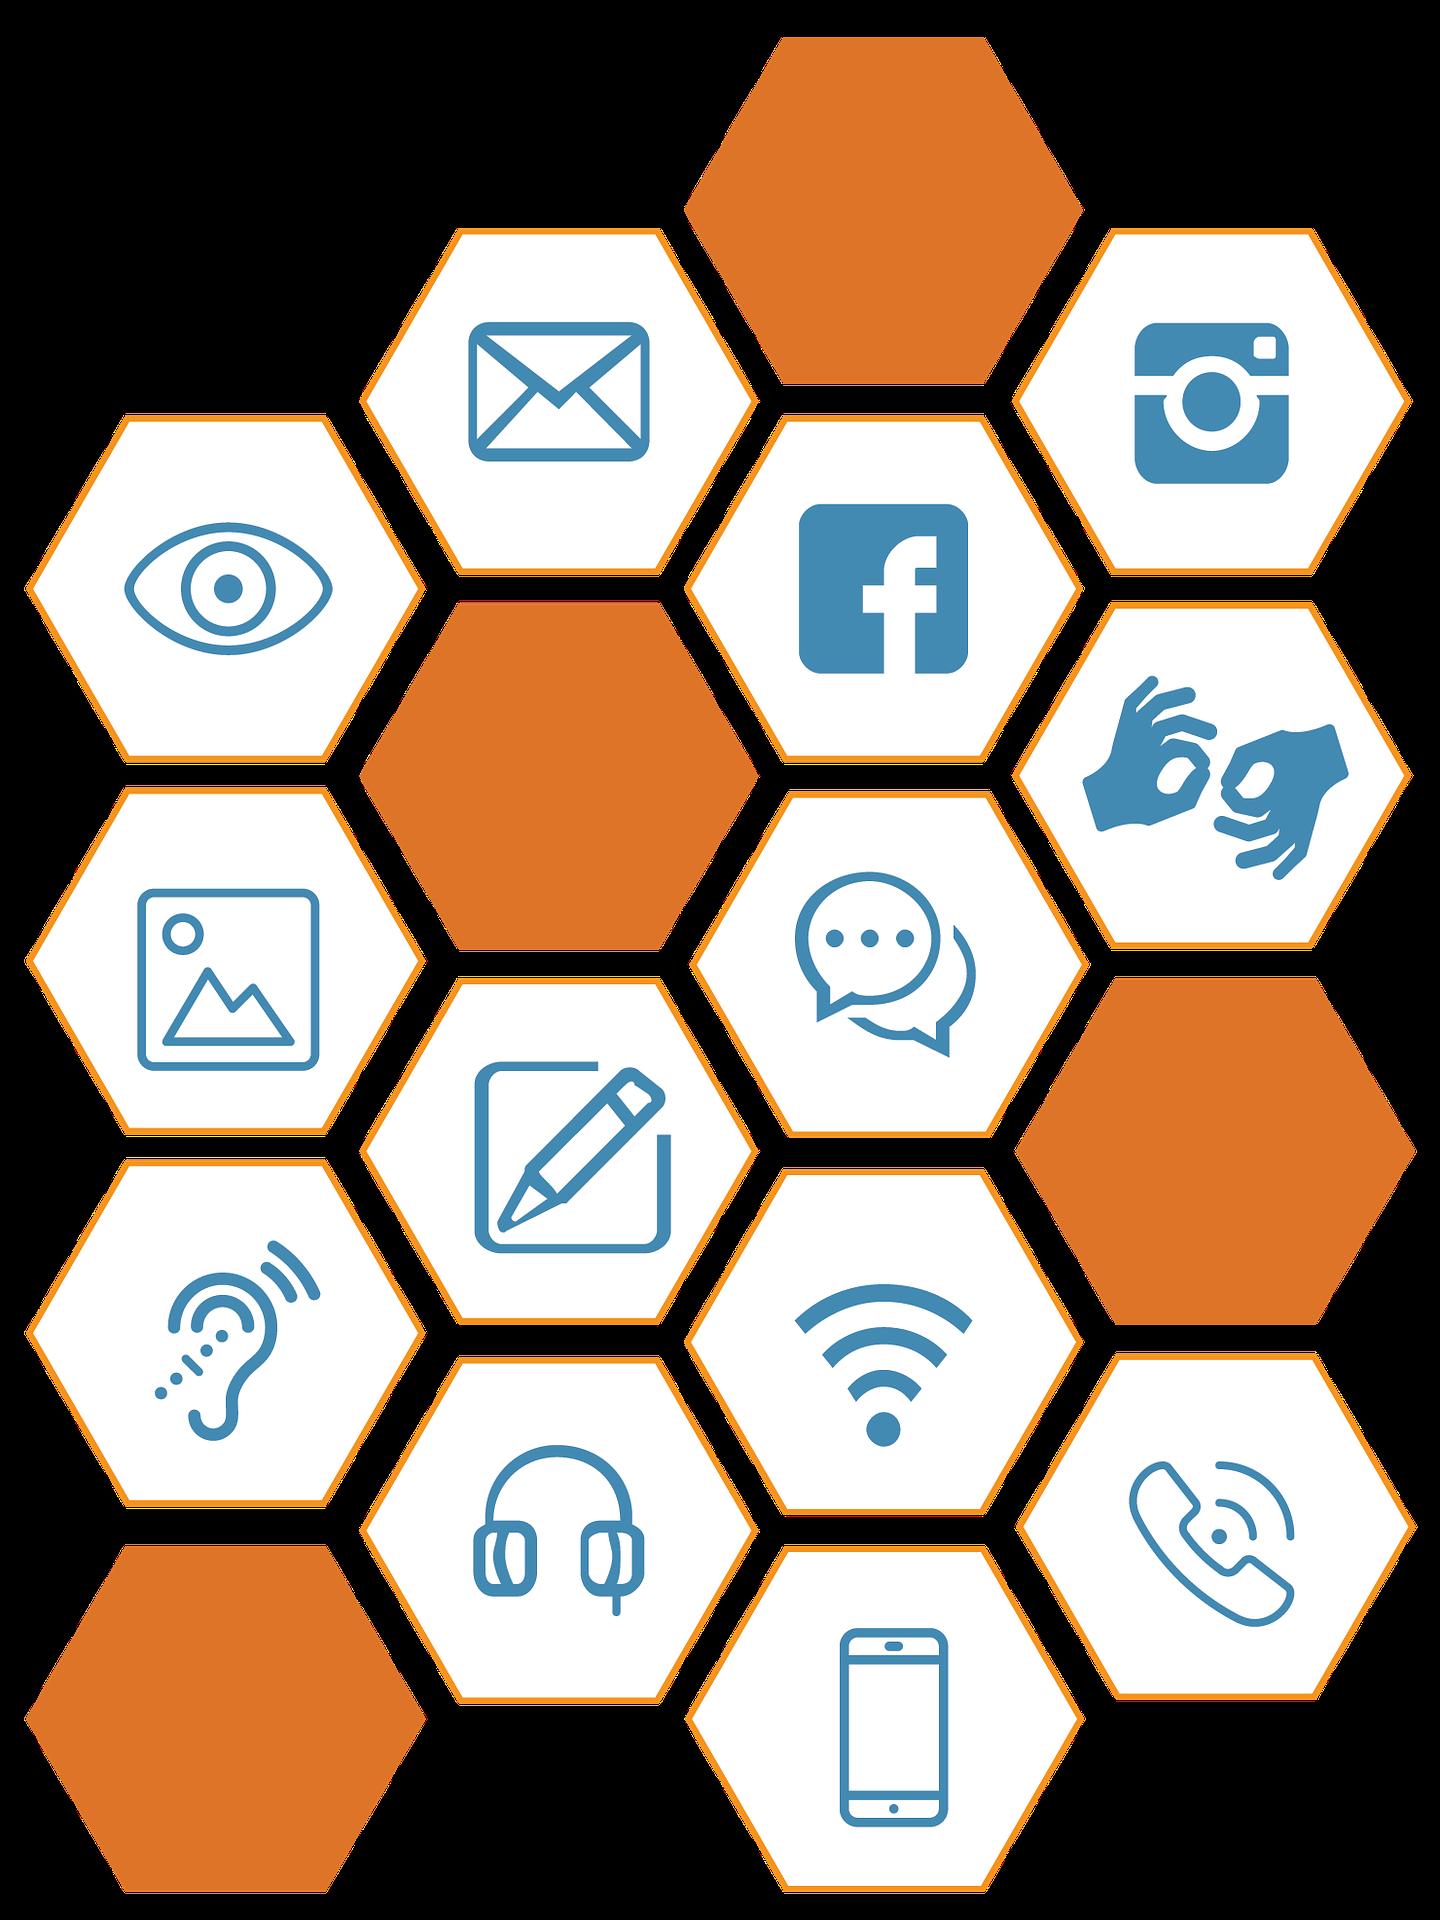 Ein Mosaik aus verschiedenen Symbolen. Abgebildet sind folgende Symbole (von links oben nach rechts unten): Brief, Instagram, Sehen, Facebook, Gebärdensprache. Foto, Sprechblasen, Schreiben, Hören, WLAN, Kopfhörer, Telefon und Handy